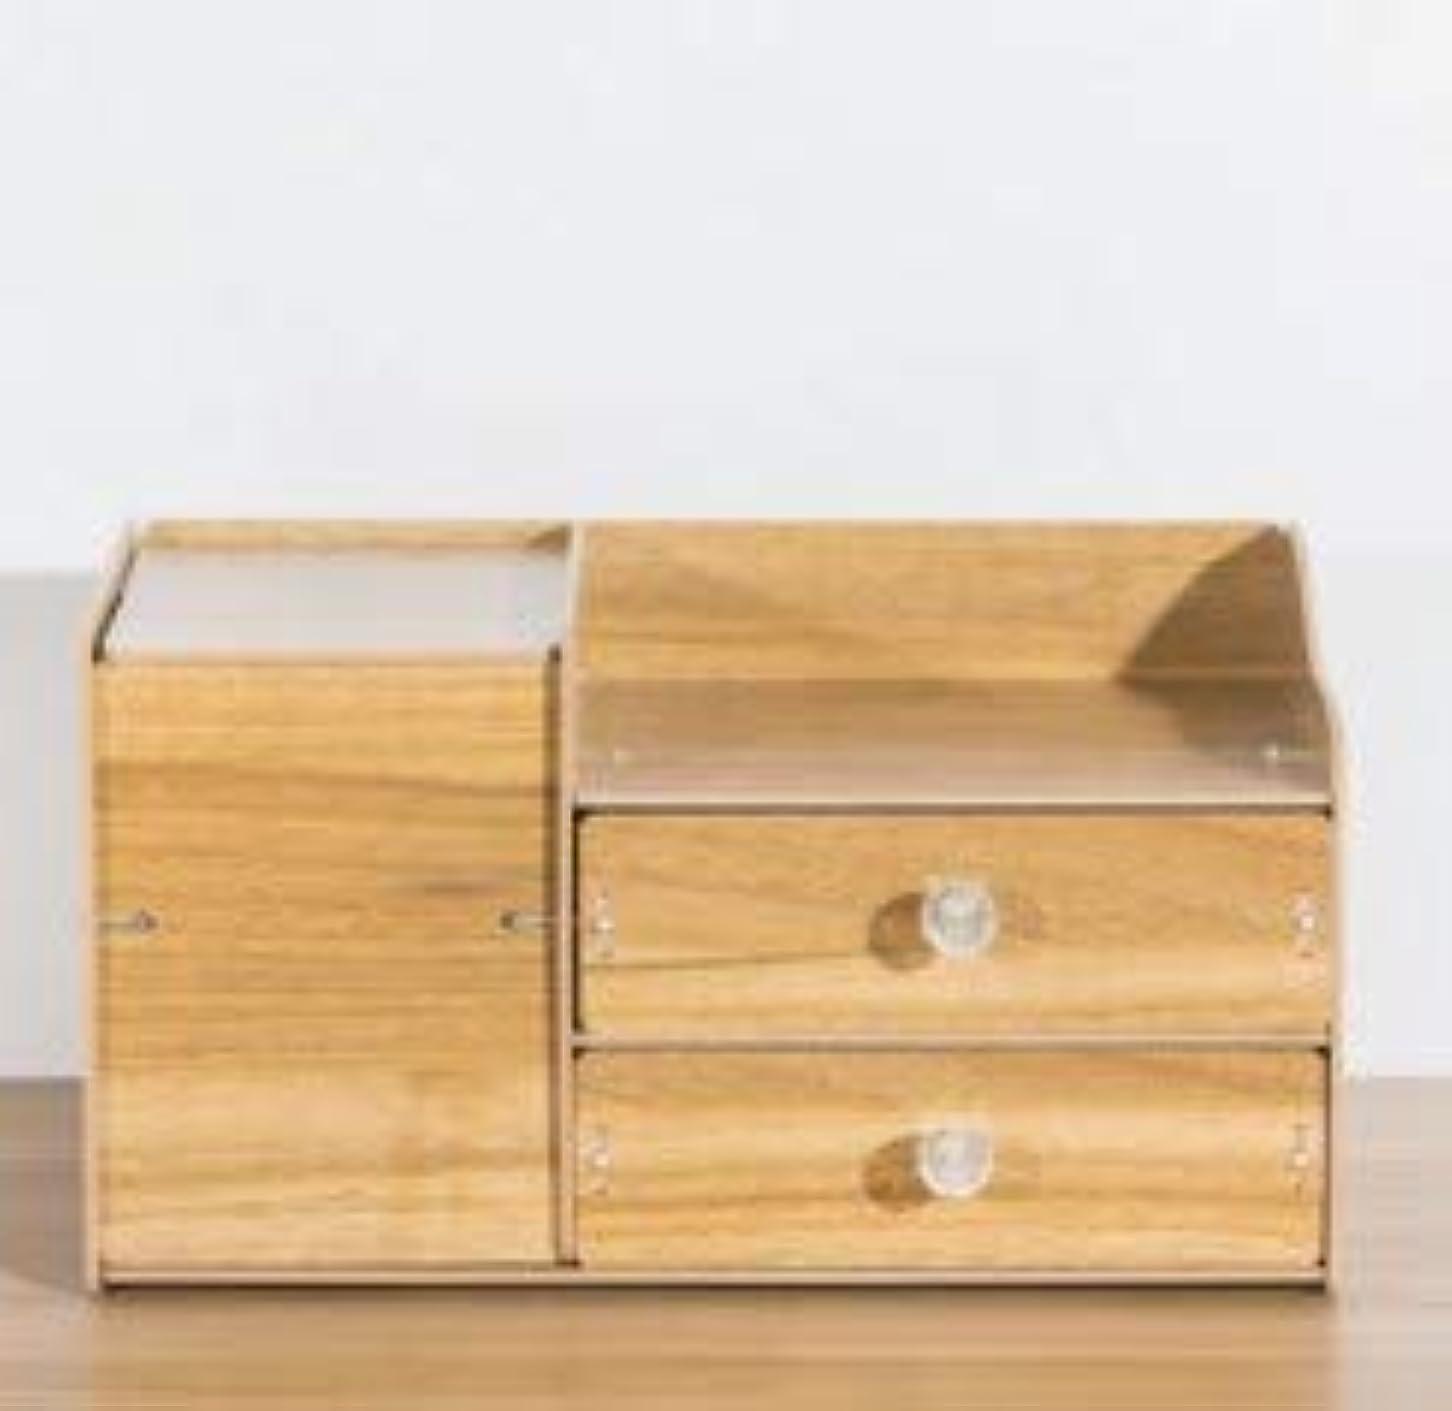 恨みフレキシブル想像力豊かなふたおよび引出しの収納箱が付いている木の化粧品の収納箱収納箱およびミラーが付いているデスクトップの収納箱 (Material : Walnut)